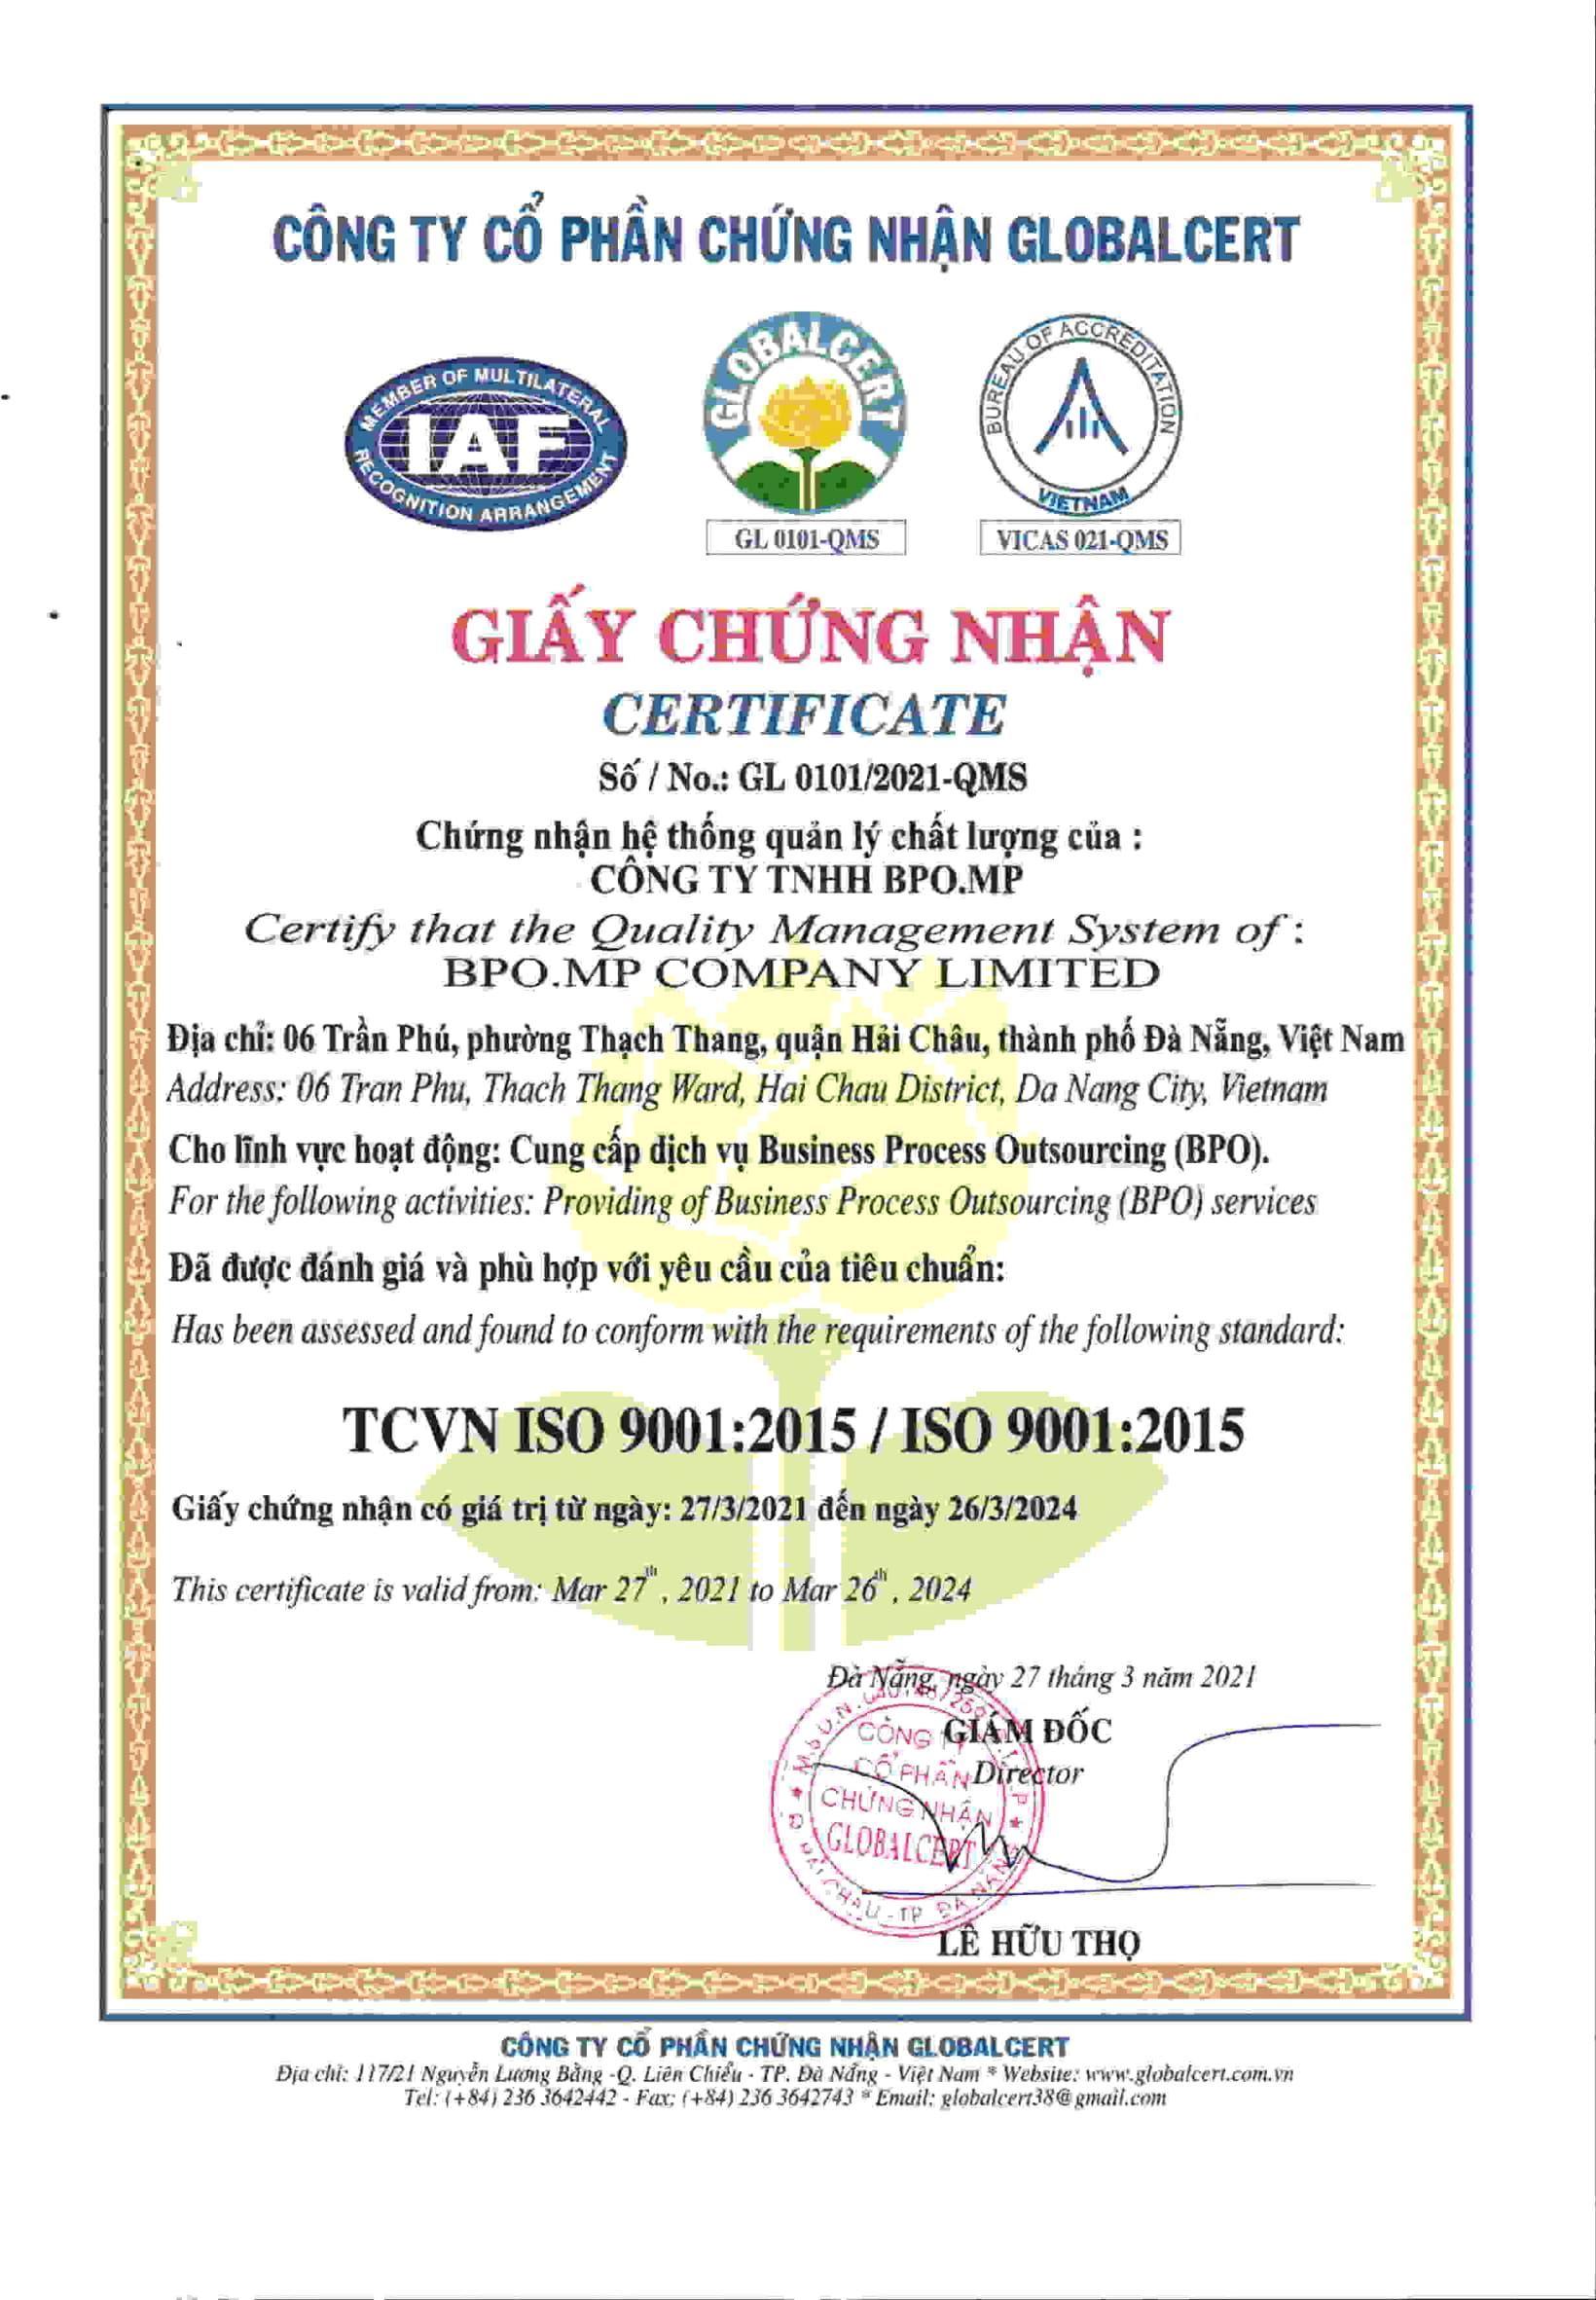 BPO.MP ĐẠT CHỨNG NHẬN ISO 9001:2015 VỀ HỆ THỐNG QUẢN LÝ CHẤT LƯỢNG